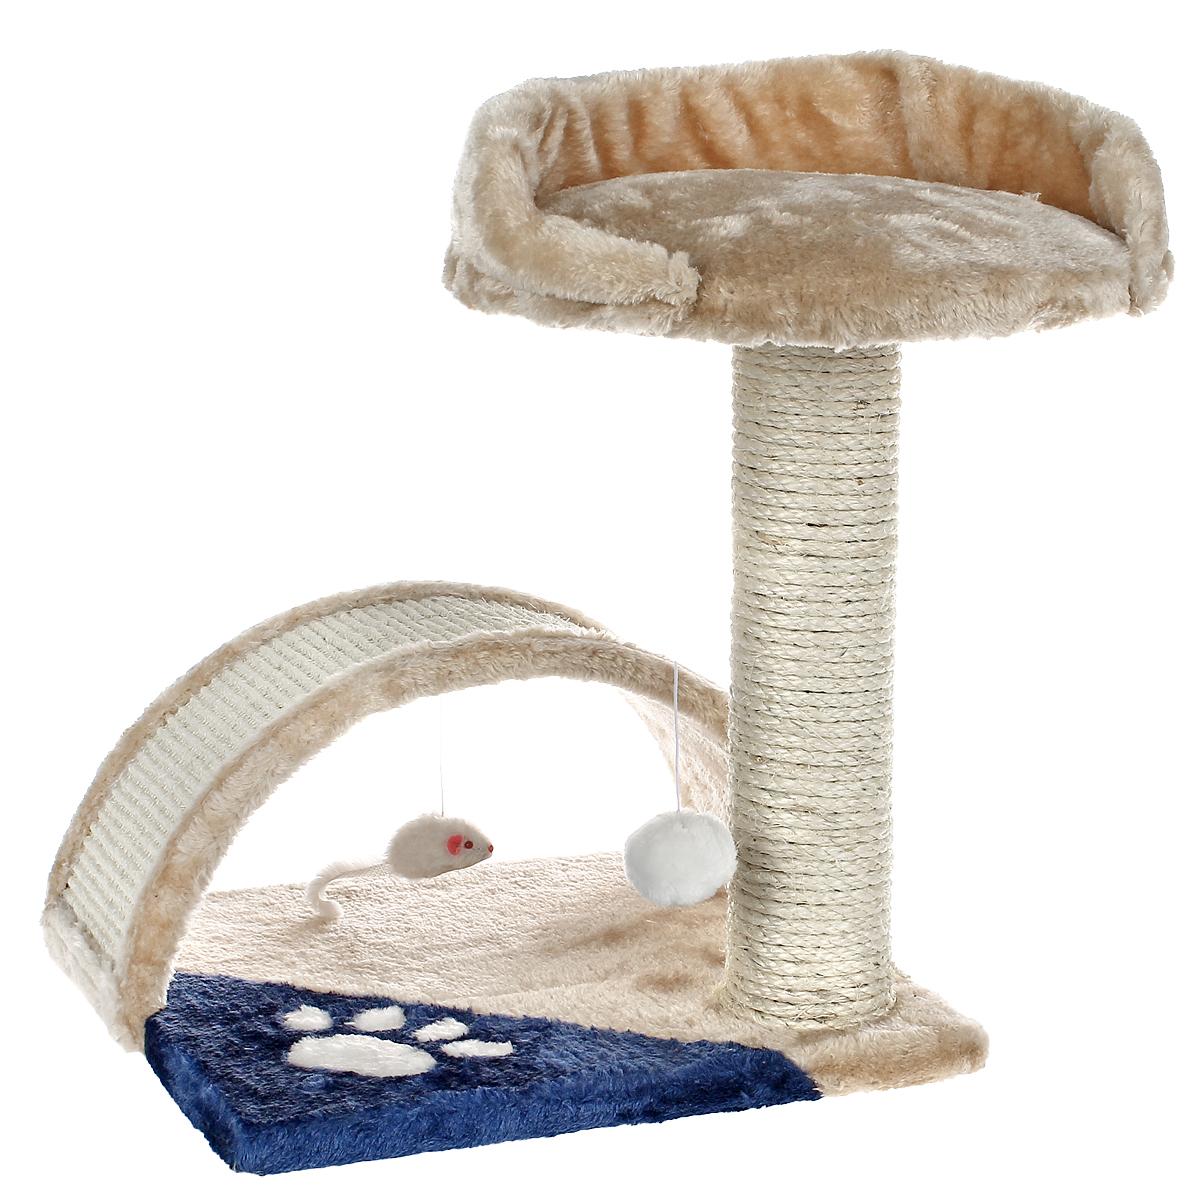 Когтеточка I.P.T.S., цвет: бежевый, голубой, 35 см х 35 см х 42 см16450/408315Когтеточка I.P.T.S. выполнена из высококачественного ДСП, обтянута мягким плюшем и предназначена для активных кошек. Когтеточка выполнена в виде столбика и мостика и состоит из двух уровней. Столбик обтянут сизалем, натуральным прочным материалом. Он поможет приучить кошку точить коготки в строго определенном месте. Целый дом будет в распоряжении у вашей кошки. Разные уровни высоты, когтеточка, место для отдыха в игровом комплексе позволят кошке резвится и точить коготки, а игрушки, прикрепленные к когтеточкам развлекут кошку.